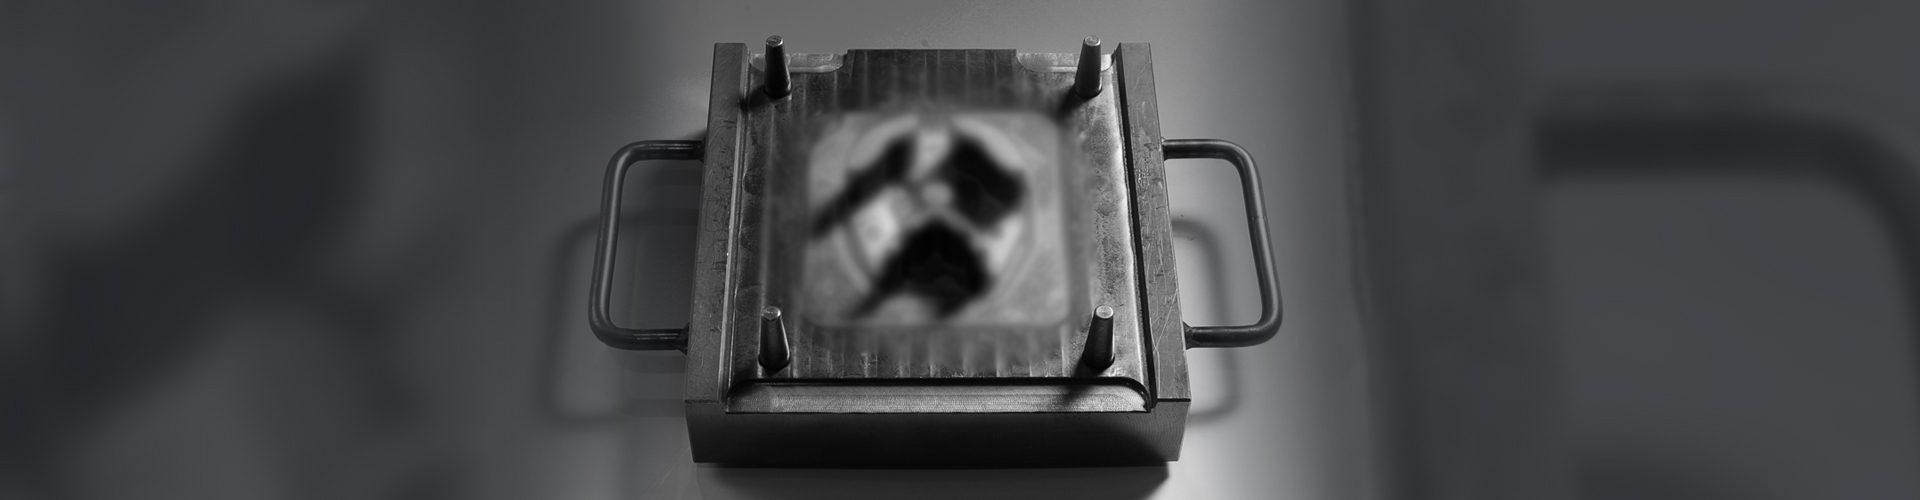 自動車用防振ゴム 試作金型1